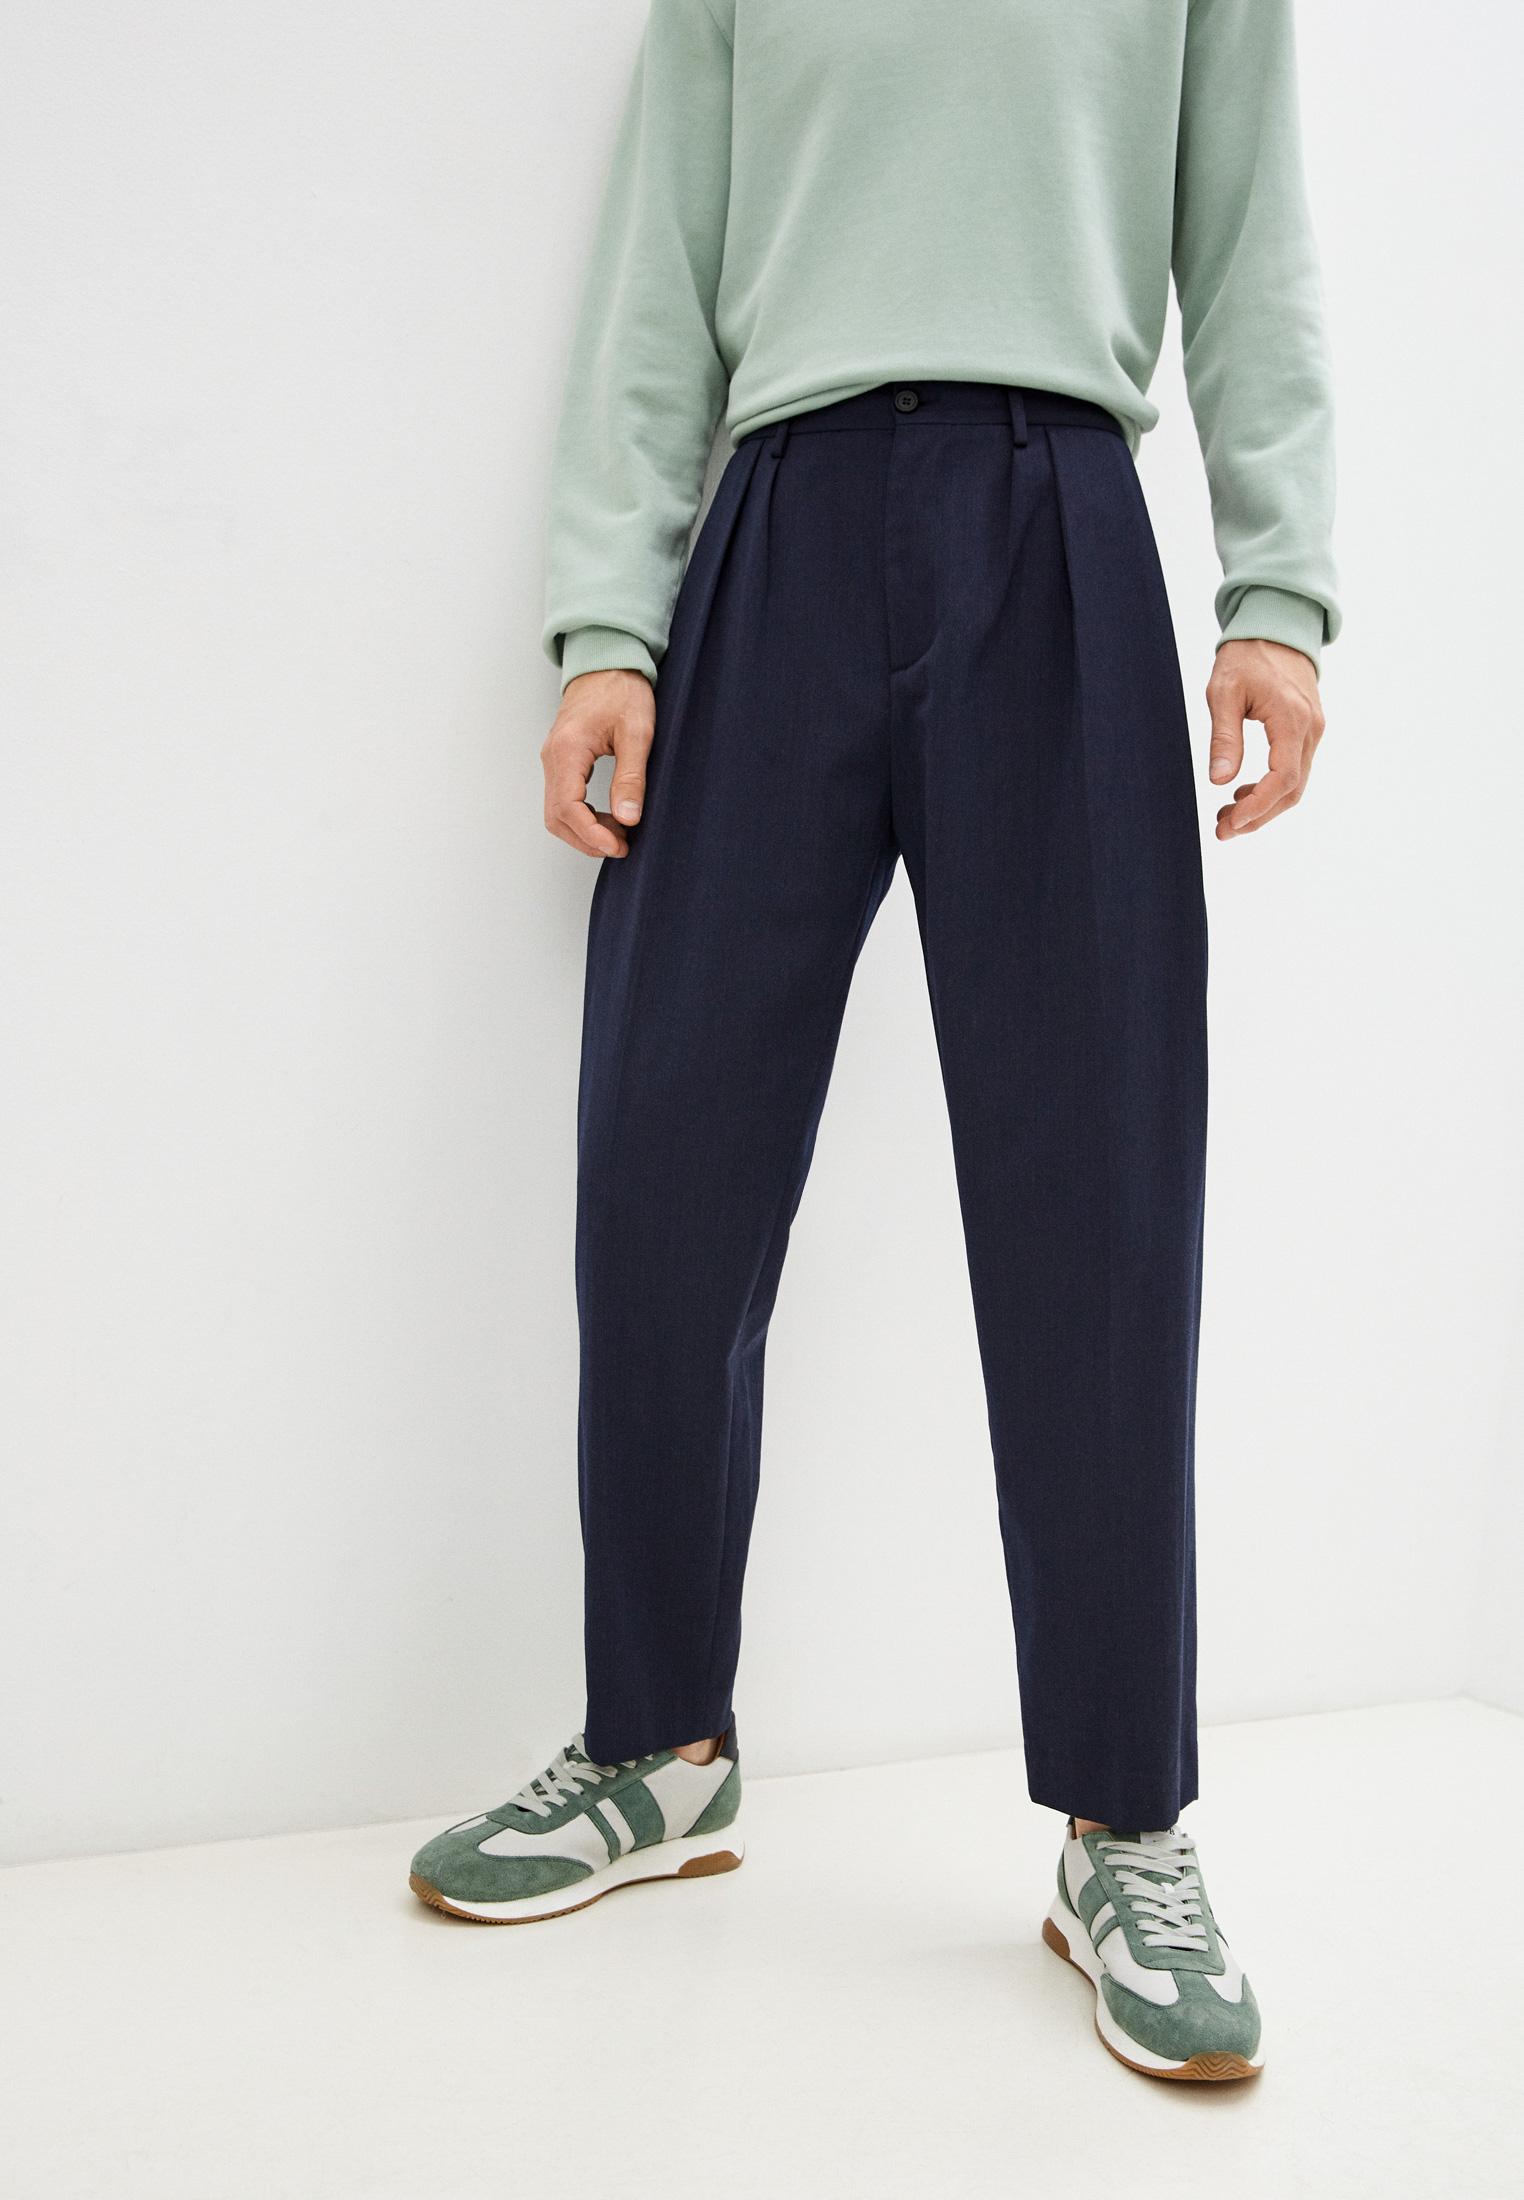 Мужские классические брюки Bikkembergs (Биккембергс) C P 038 00 S 3331